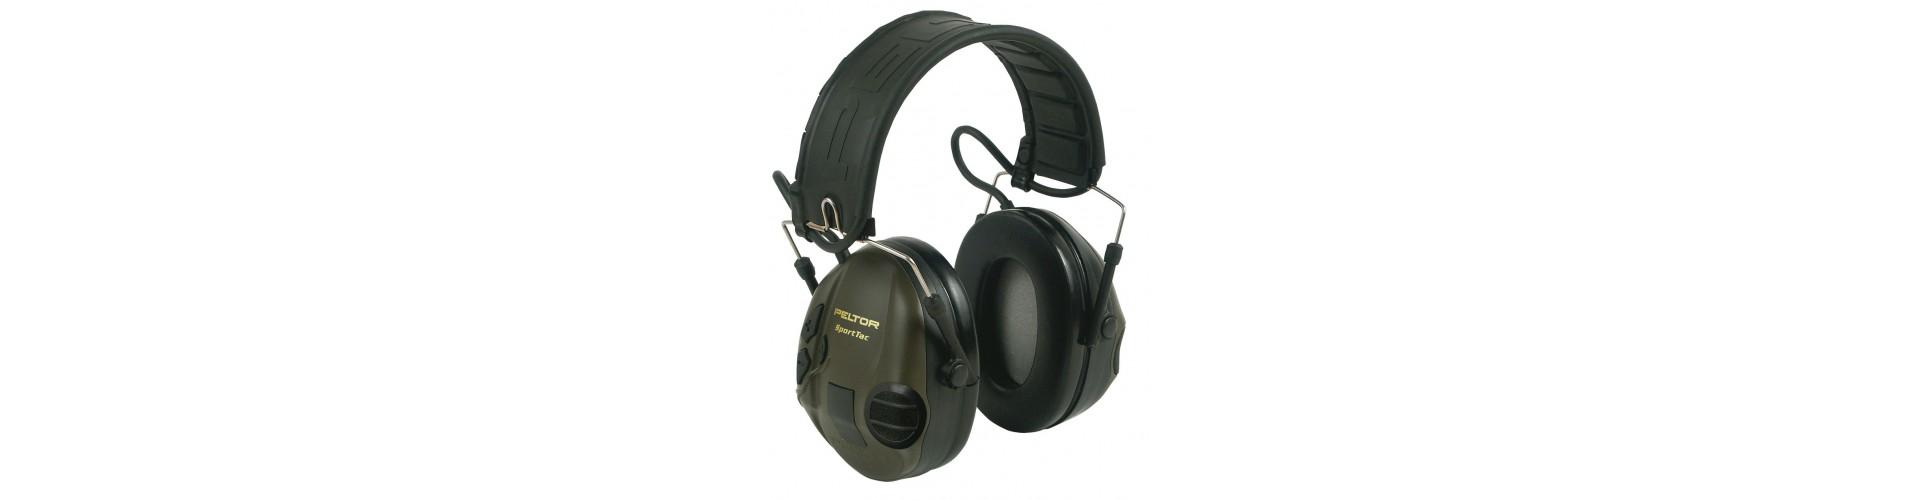 Elektroniske høreværn til jagt - Køb elektroniske høreværn til jagt her